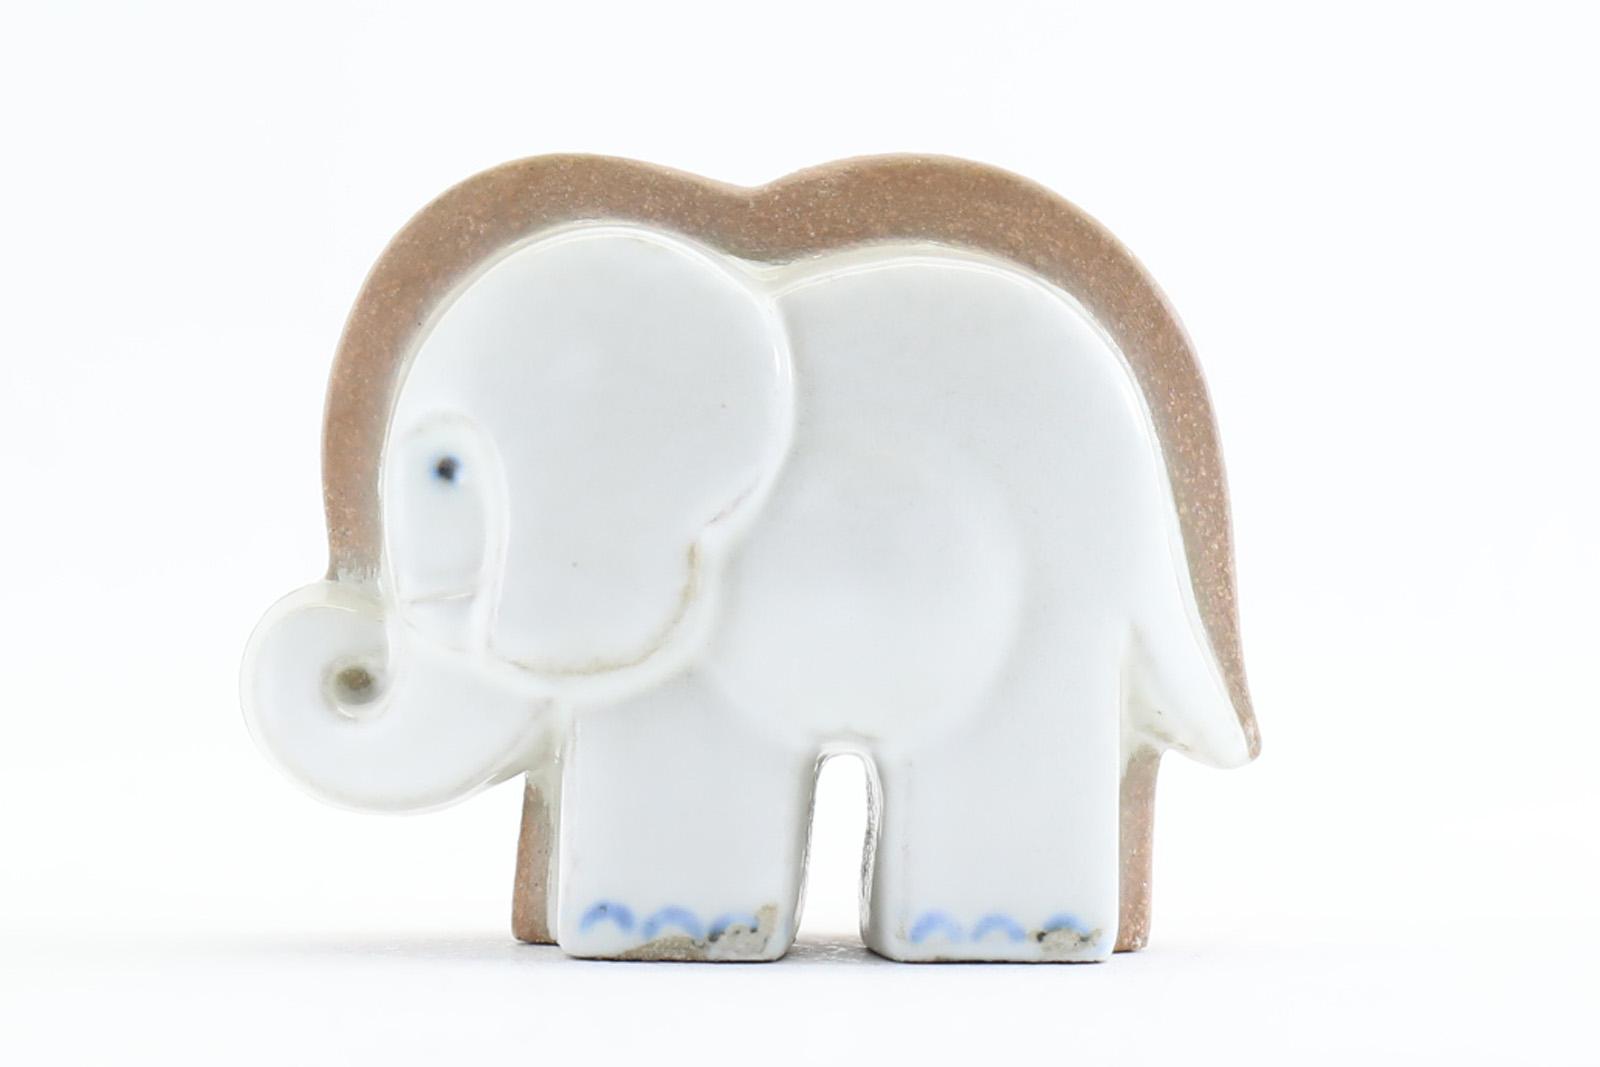 【送料395円】 Lisa Larson リサラーソン NoaksArk ノアの箱舟 Elefantゾウ【北欧雑貨 ビンテージ雑貨 アンティーク品 LisaLarson リサラーソン Gustavsberg グスタフスベリ】